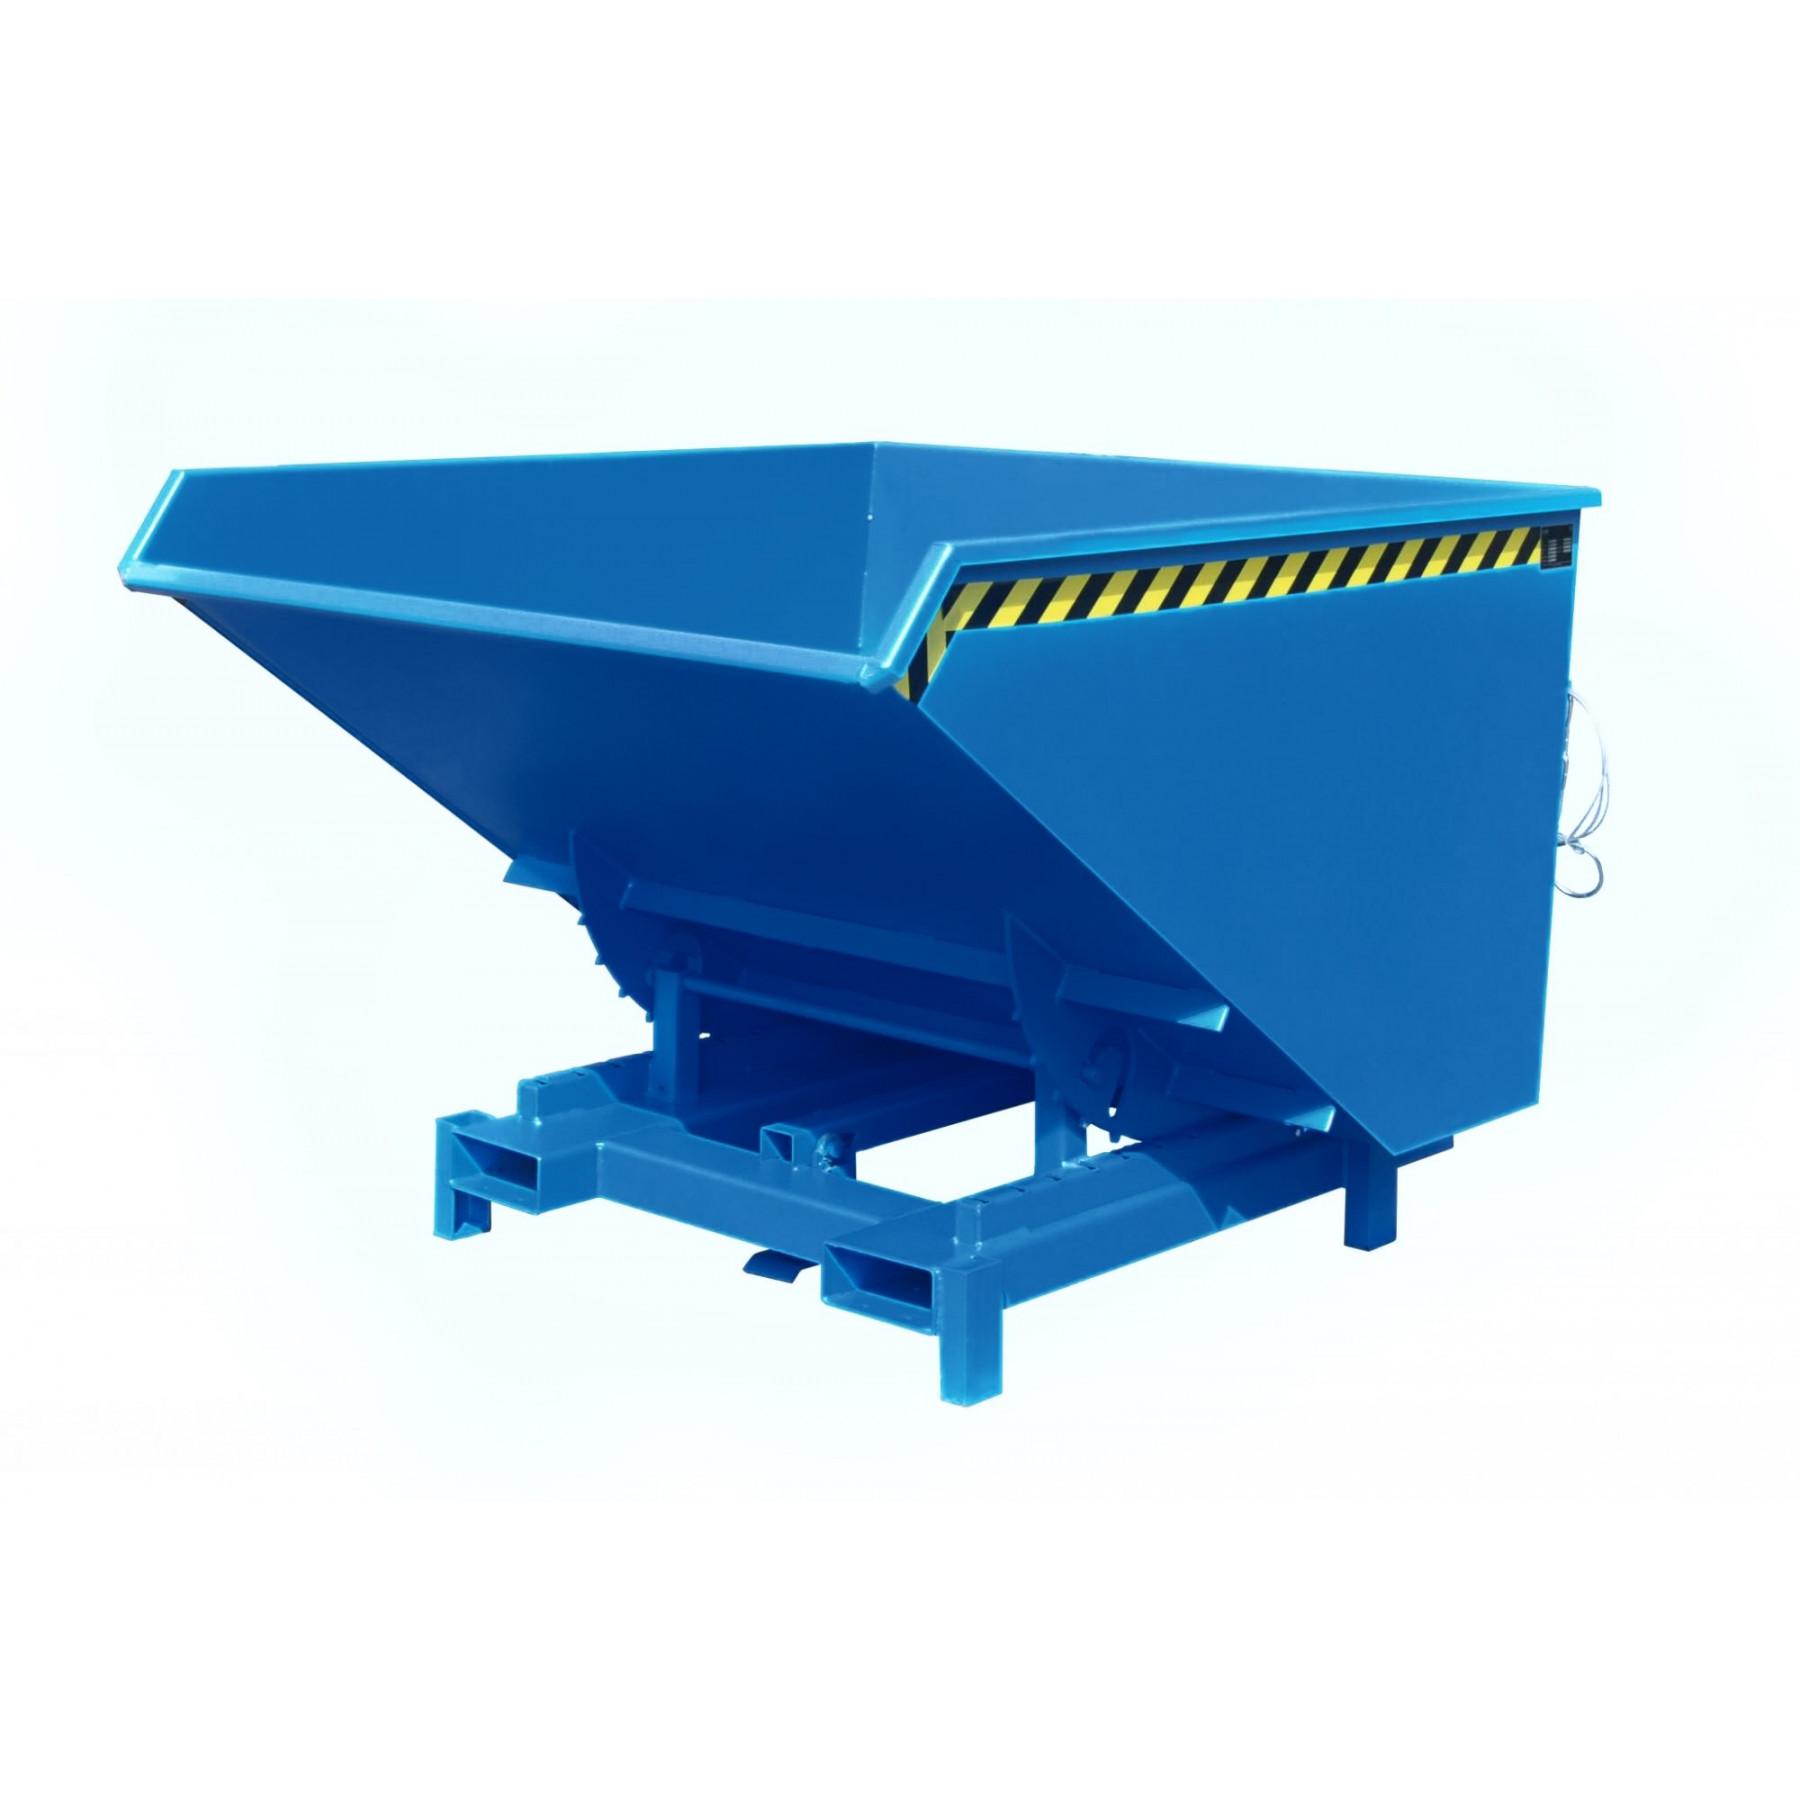 Kiepcontainer extra zwaar 1700 liter, MTF-SK-1700-5001